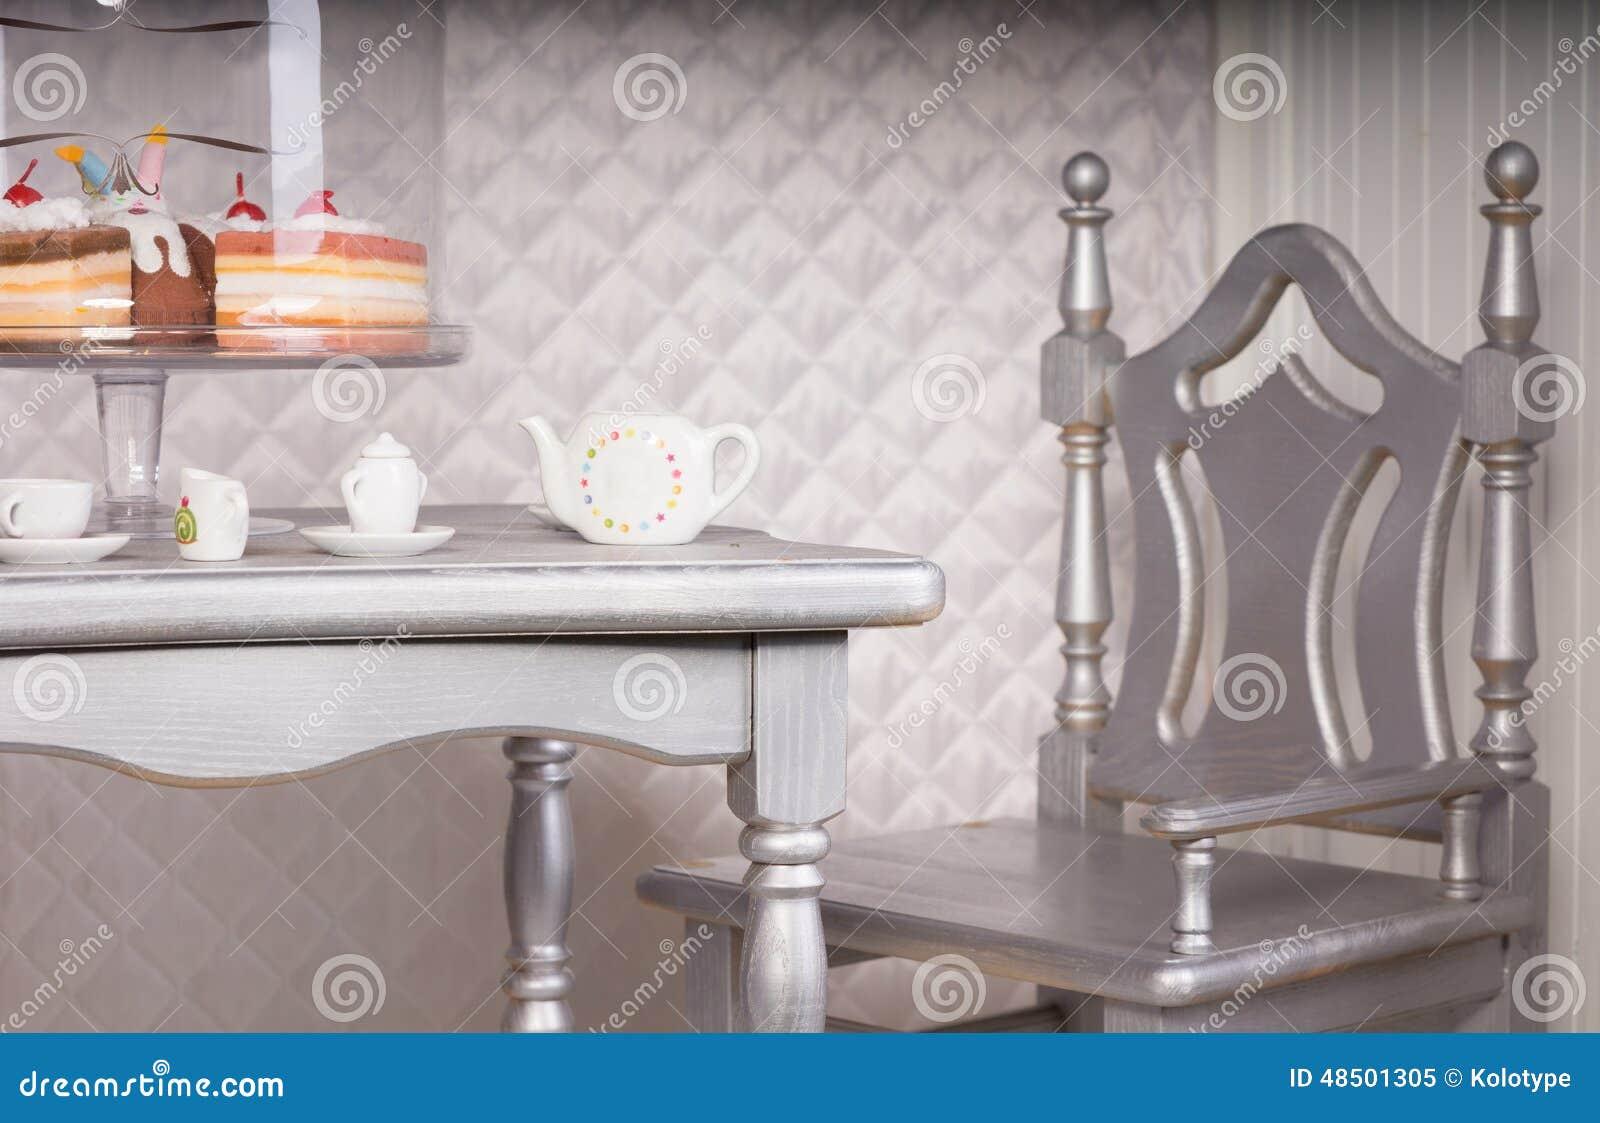 Superbe Chaise Argentée à L Ensemble De Table De Salle à Manger Pour Le Thé Avec Le